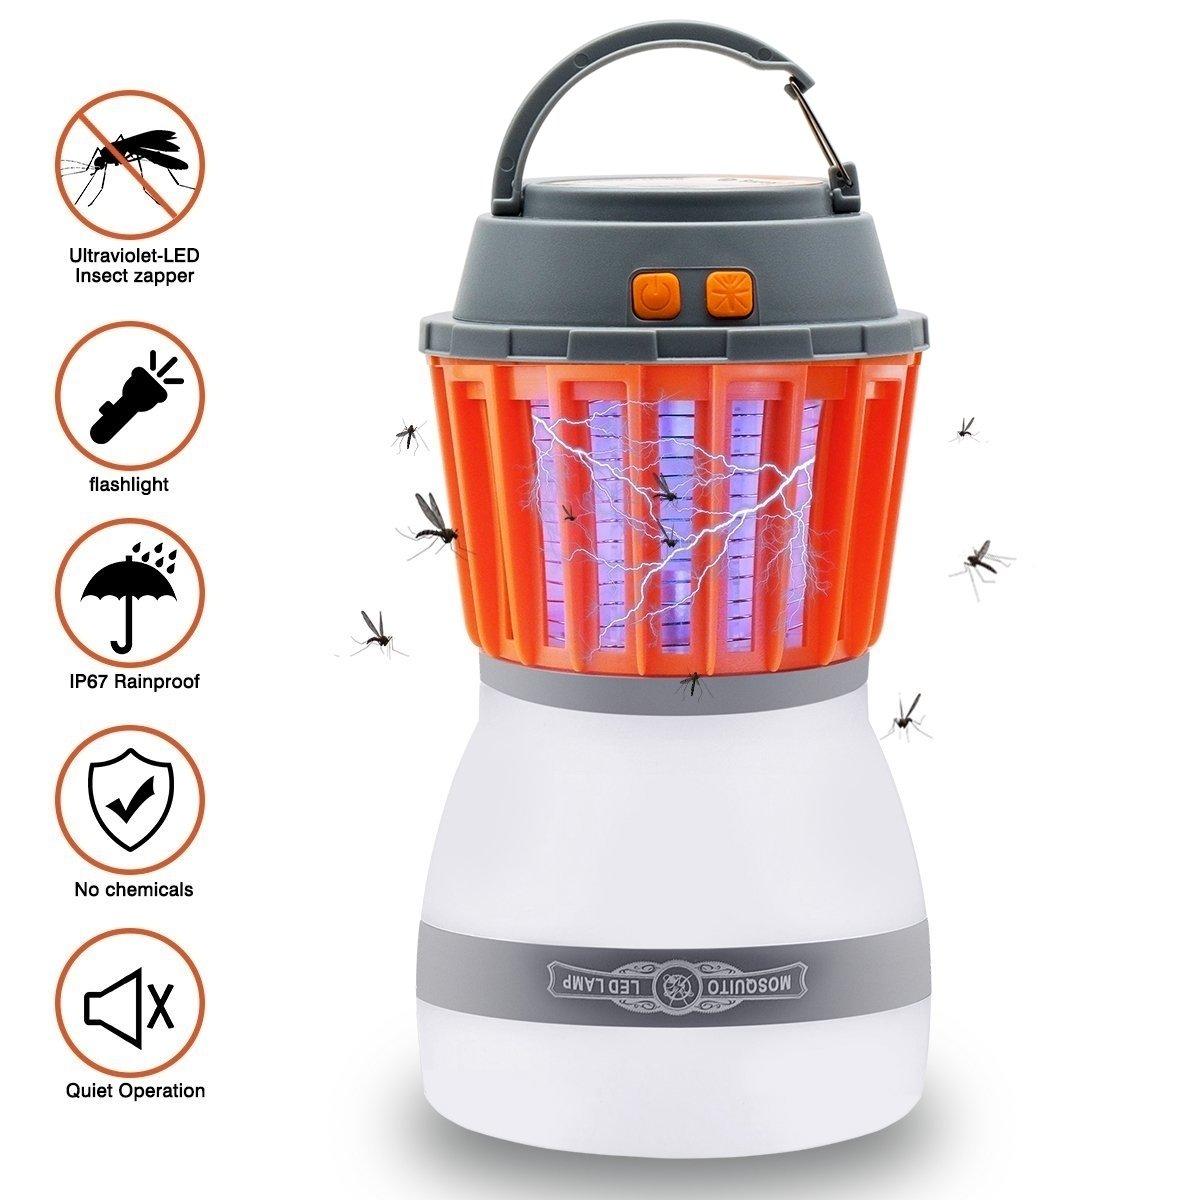 Camping Light, Tianhaixing Camping lantern Mosquito Killer Tent Light, repelente de insectos y IP67 Waterproof Bug Zapper, con 2000mAh batería recargable USB, pantalla extraíble y gancho retráctil para interiores y exteriores Chinatmax